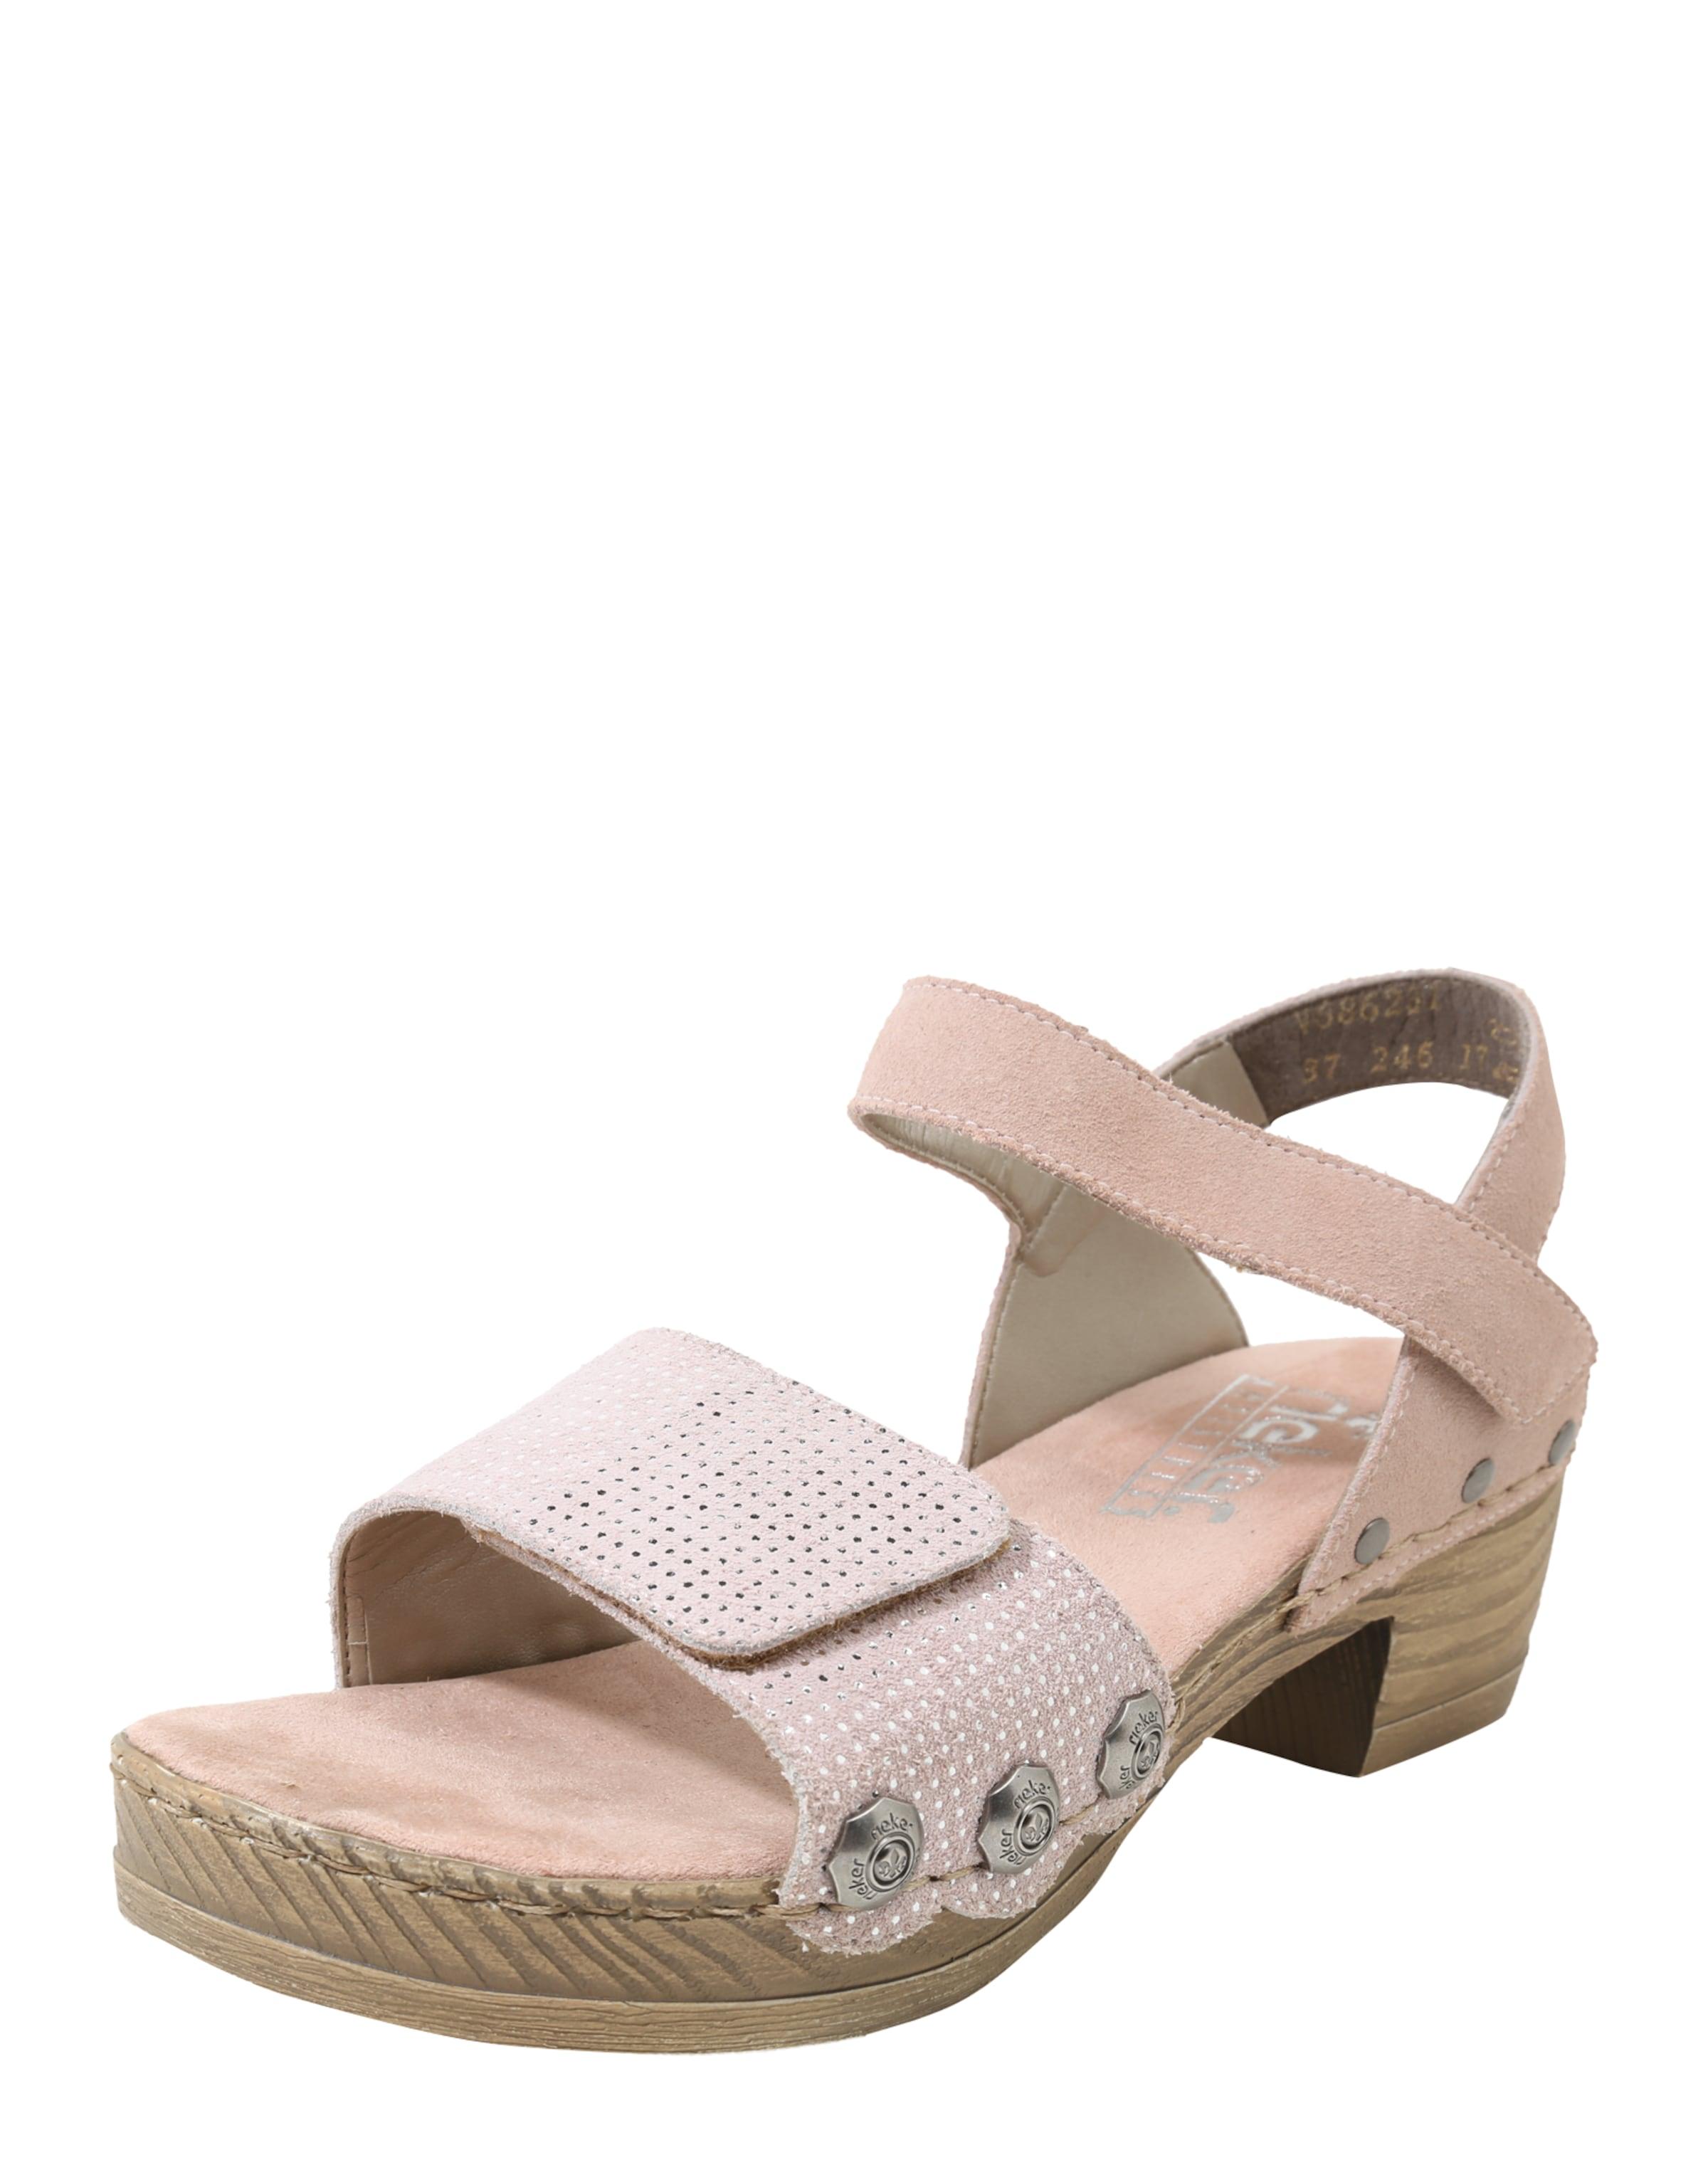 RIEKER Sandale Verschleißfeste billige Schuhe Hohe Qualität